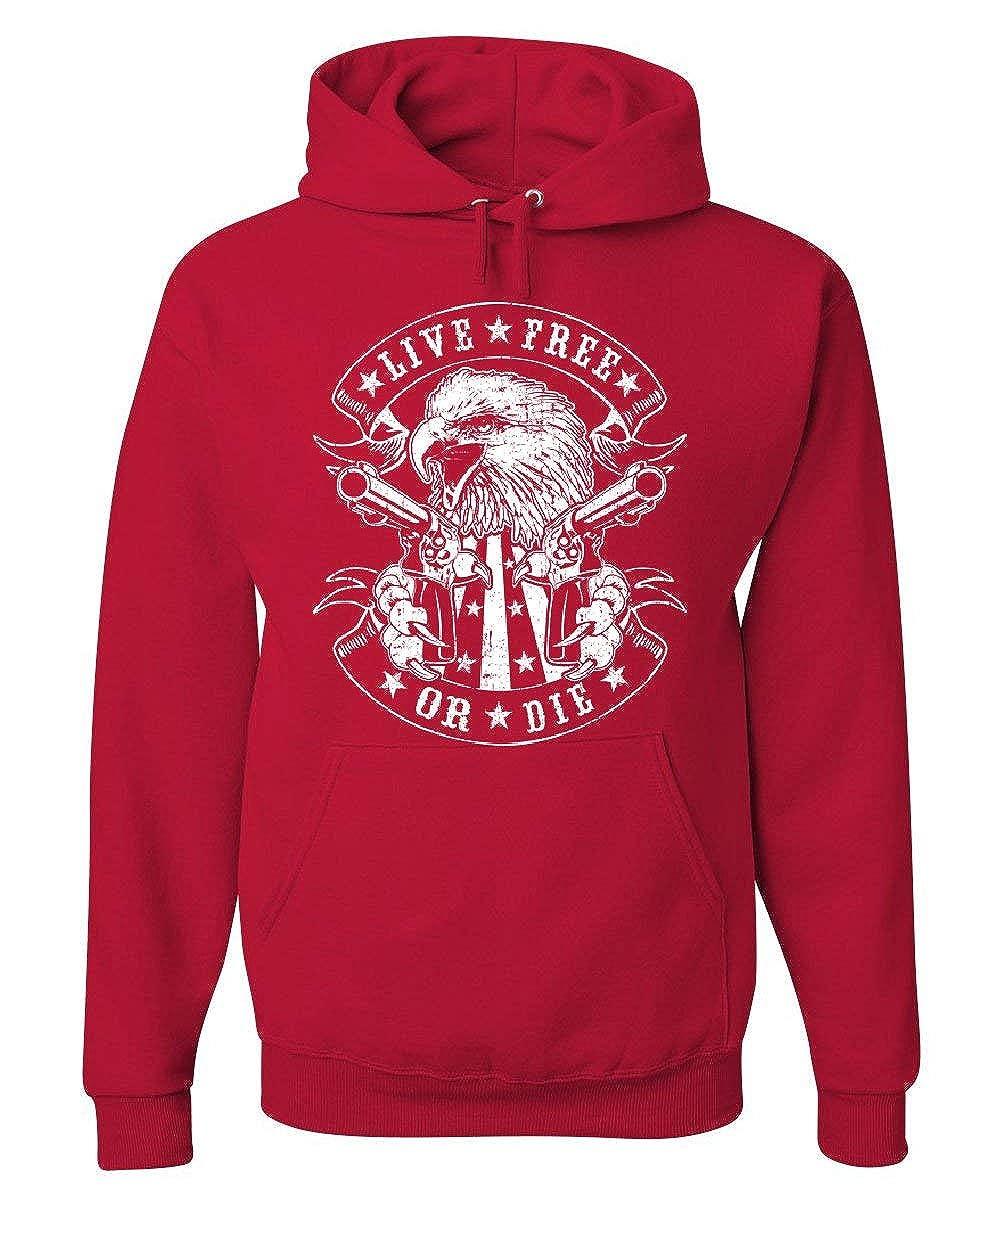 Live Free Die Hoodie Eagle Biker 2nd Amendment American Flag Sweatshirt